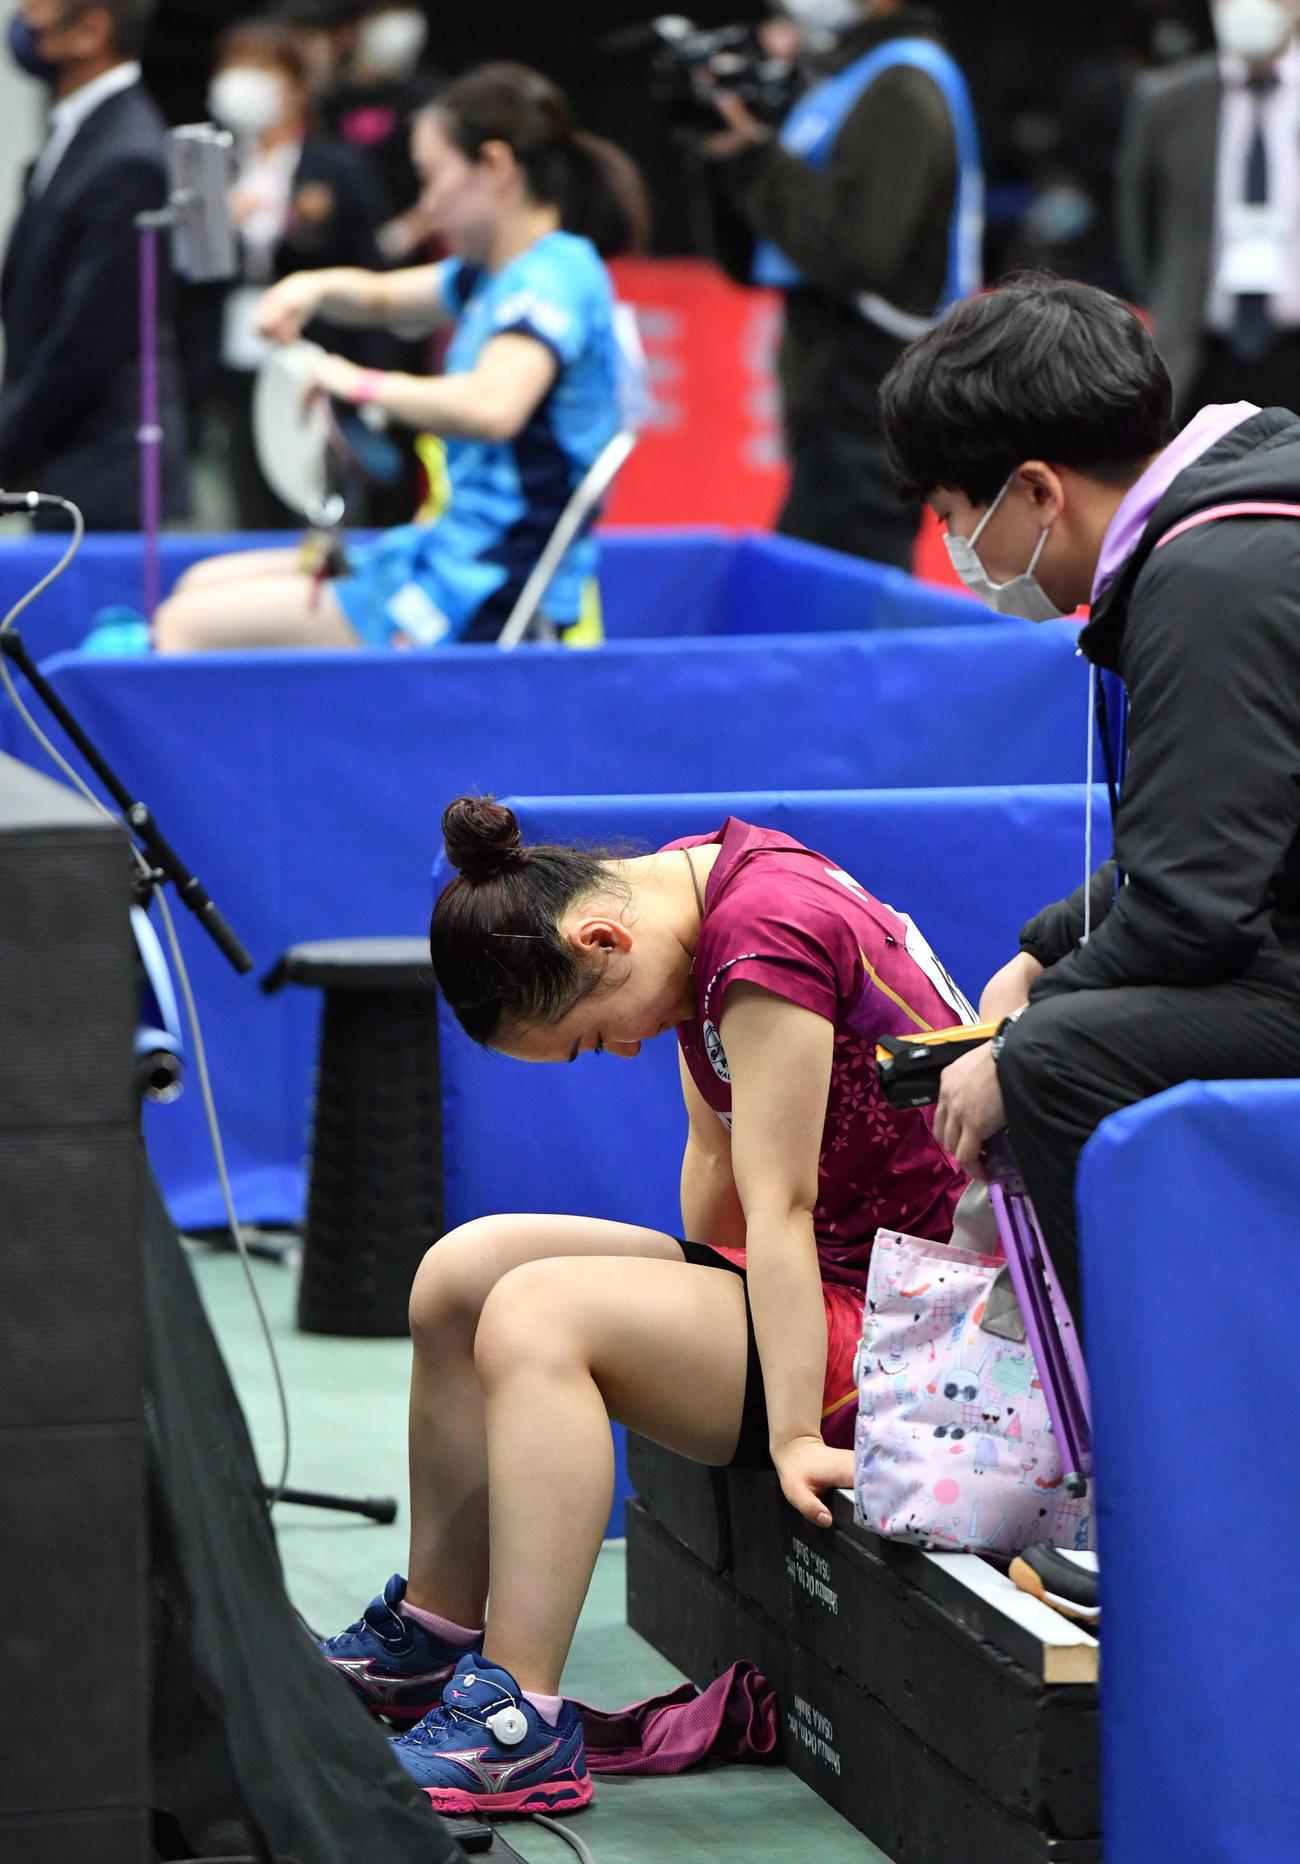 全日本卓球選手権 女子シングルス決勝で石川佳純(奥)に敗れ、ベンチで肩を落とす伊藤美誠(撮影・岩下翔太)